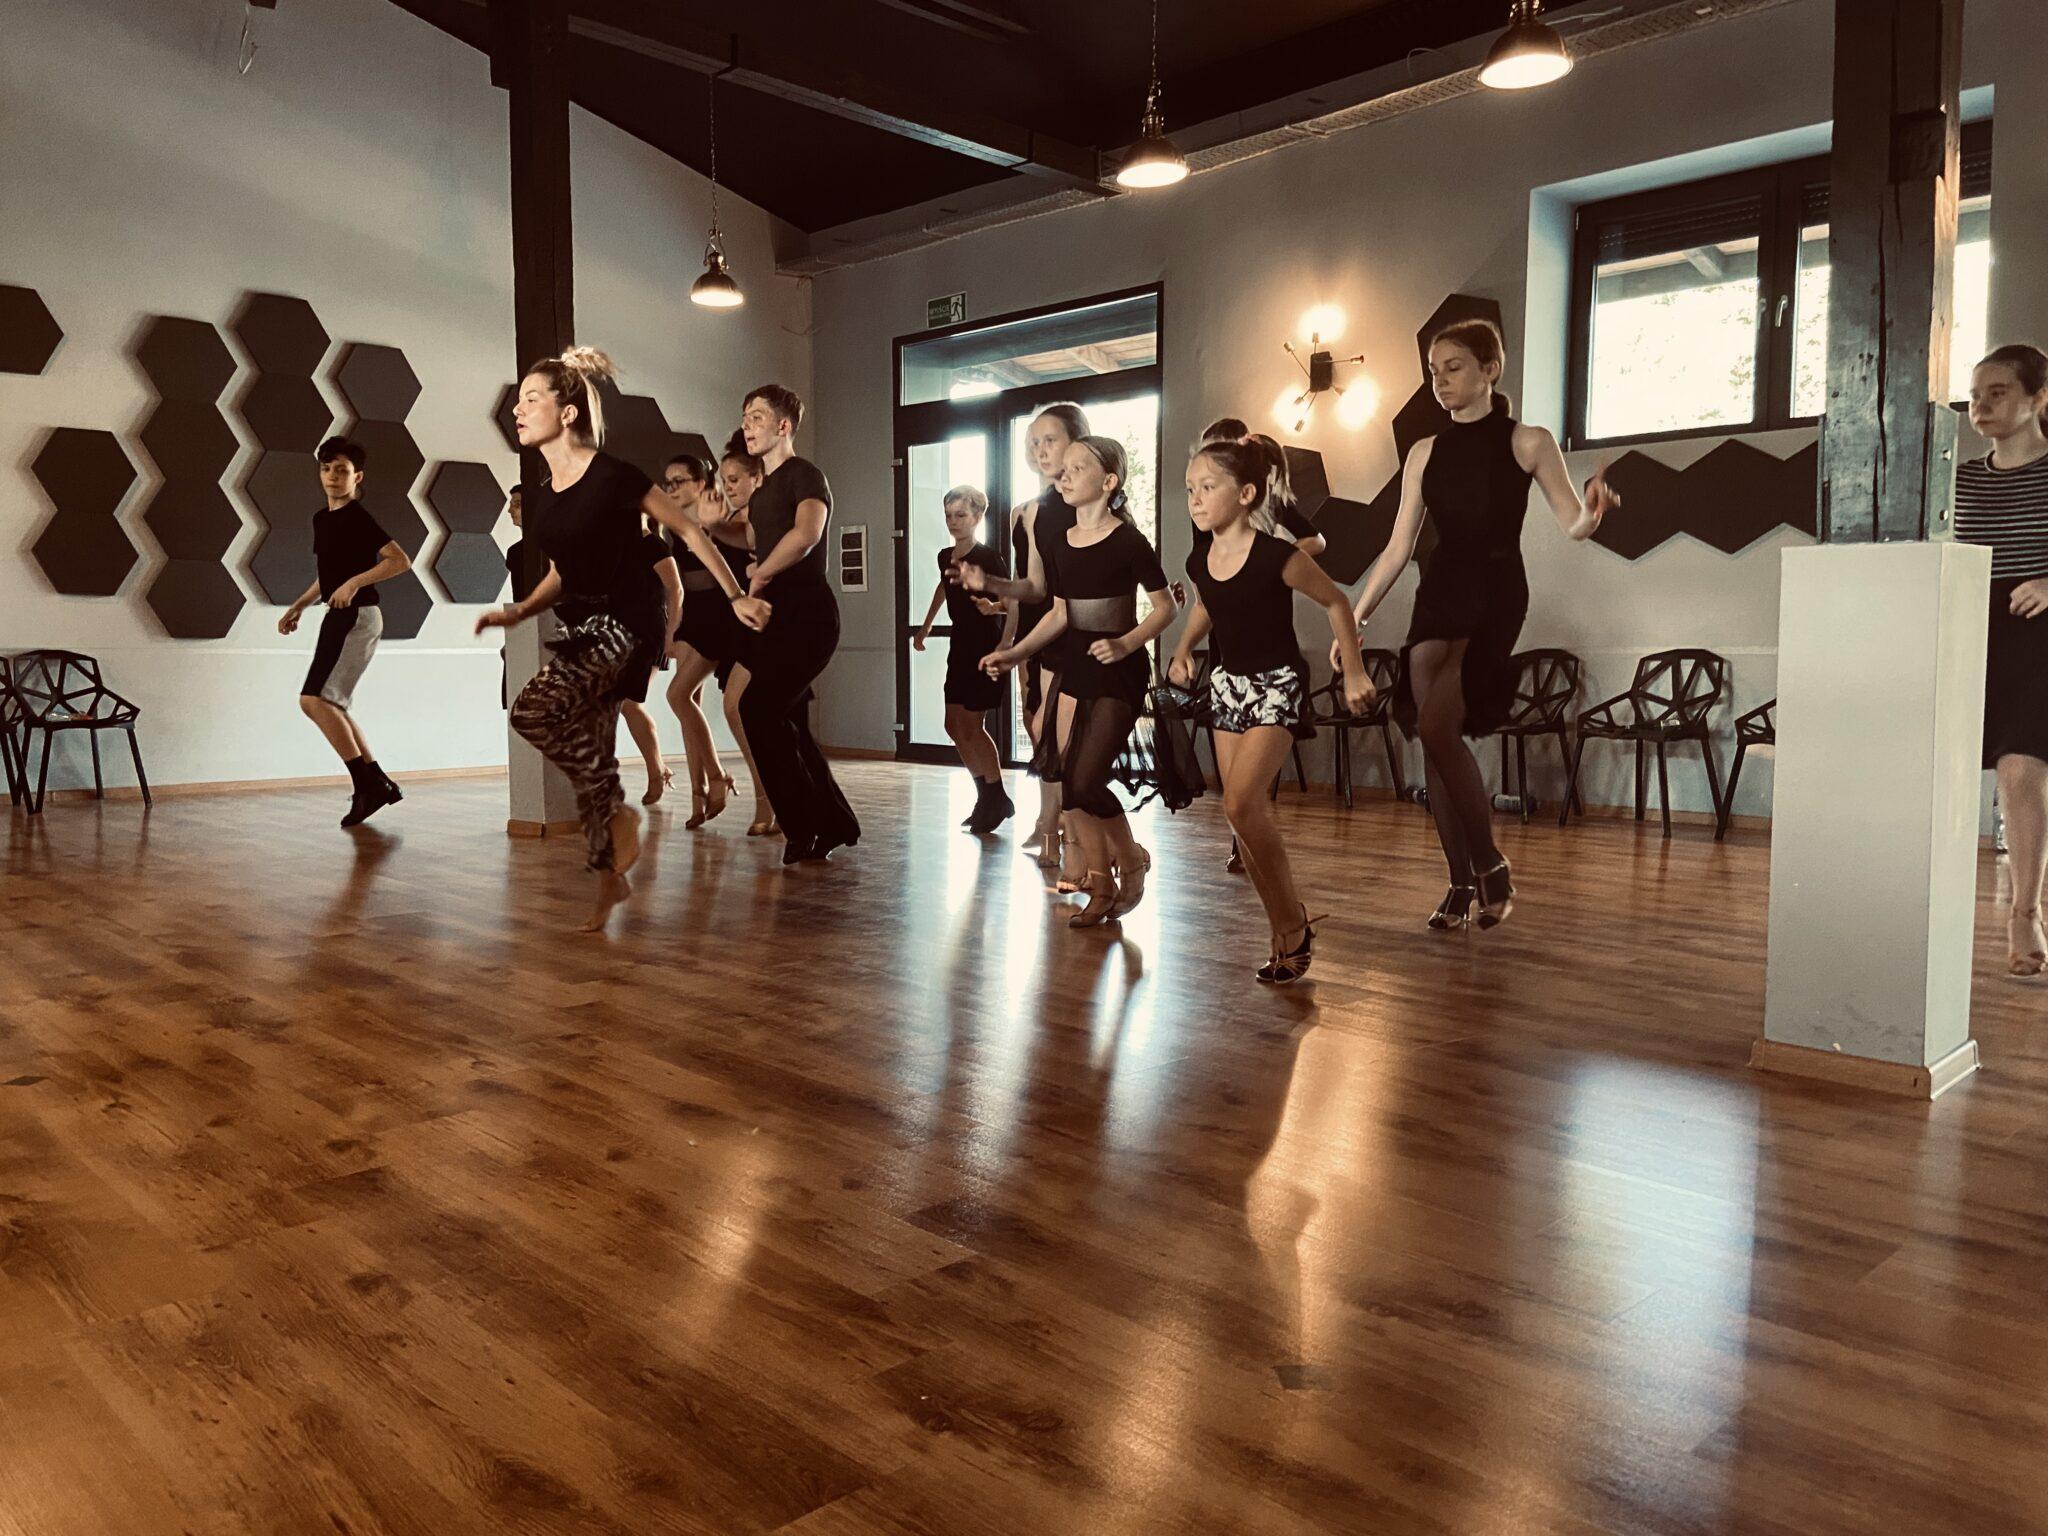 Obóz sportowy All About taniec towarzyski szczecin